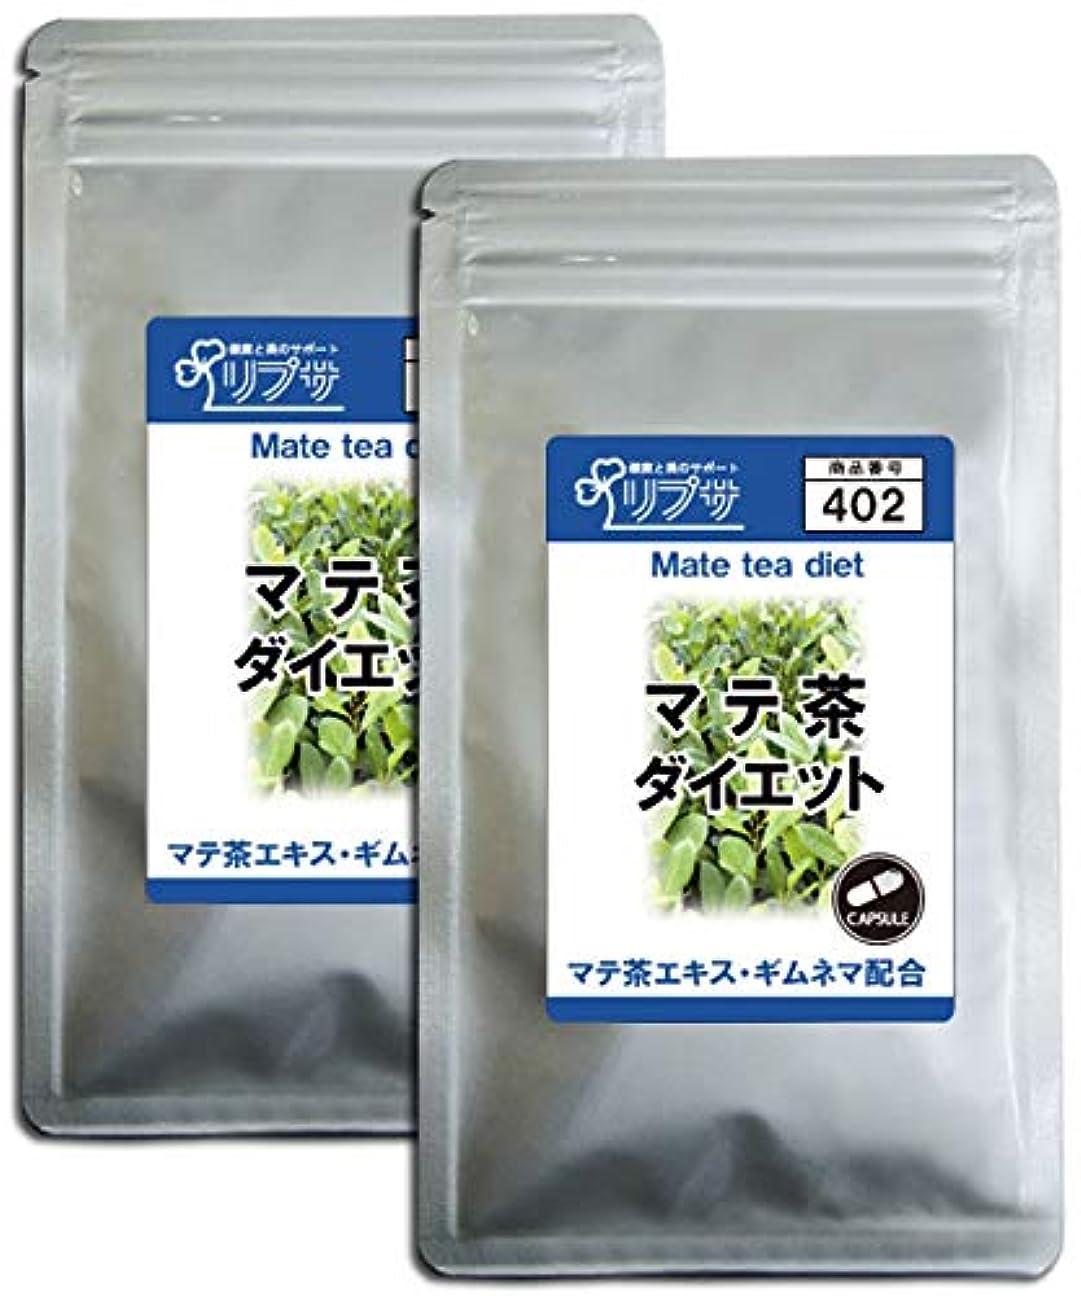 整理する魅力的であることへのアピール書誌マテ茶ダイエット 約3か月分×2袋 C-402-2